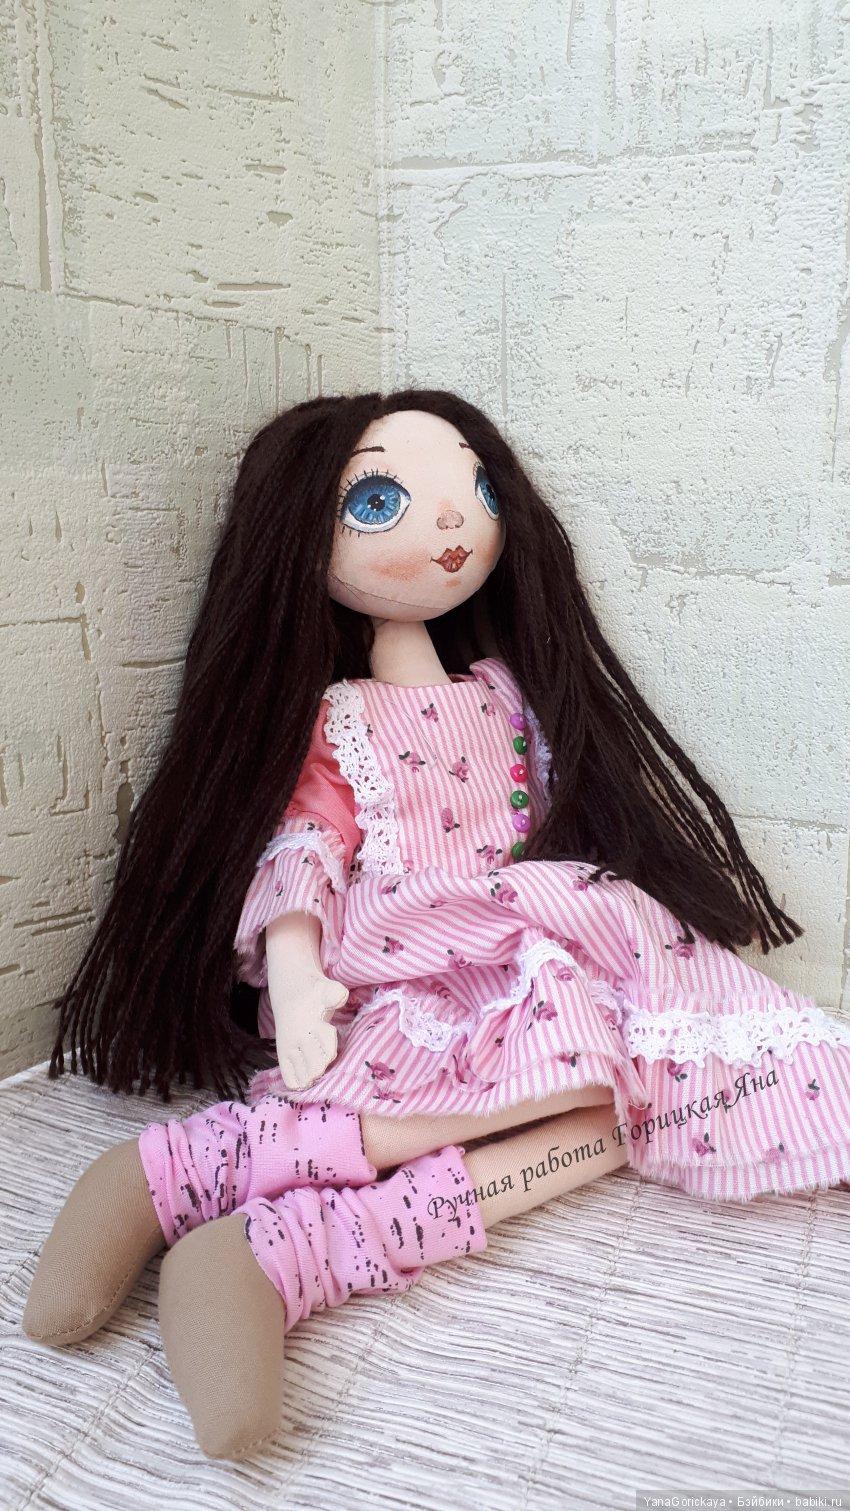 Кукла игровая, Лицо расписано акрилом, закреплено лаком, волосы из шерсти, можно делать несложные прически, одежда снимается.